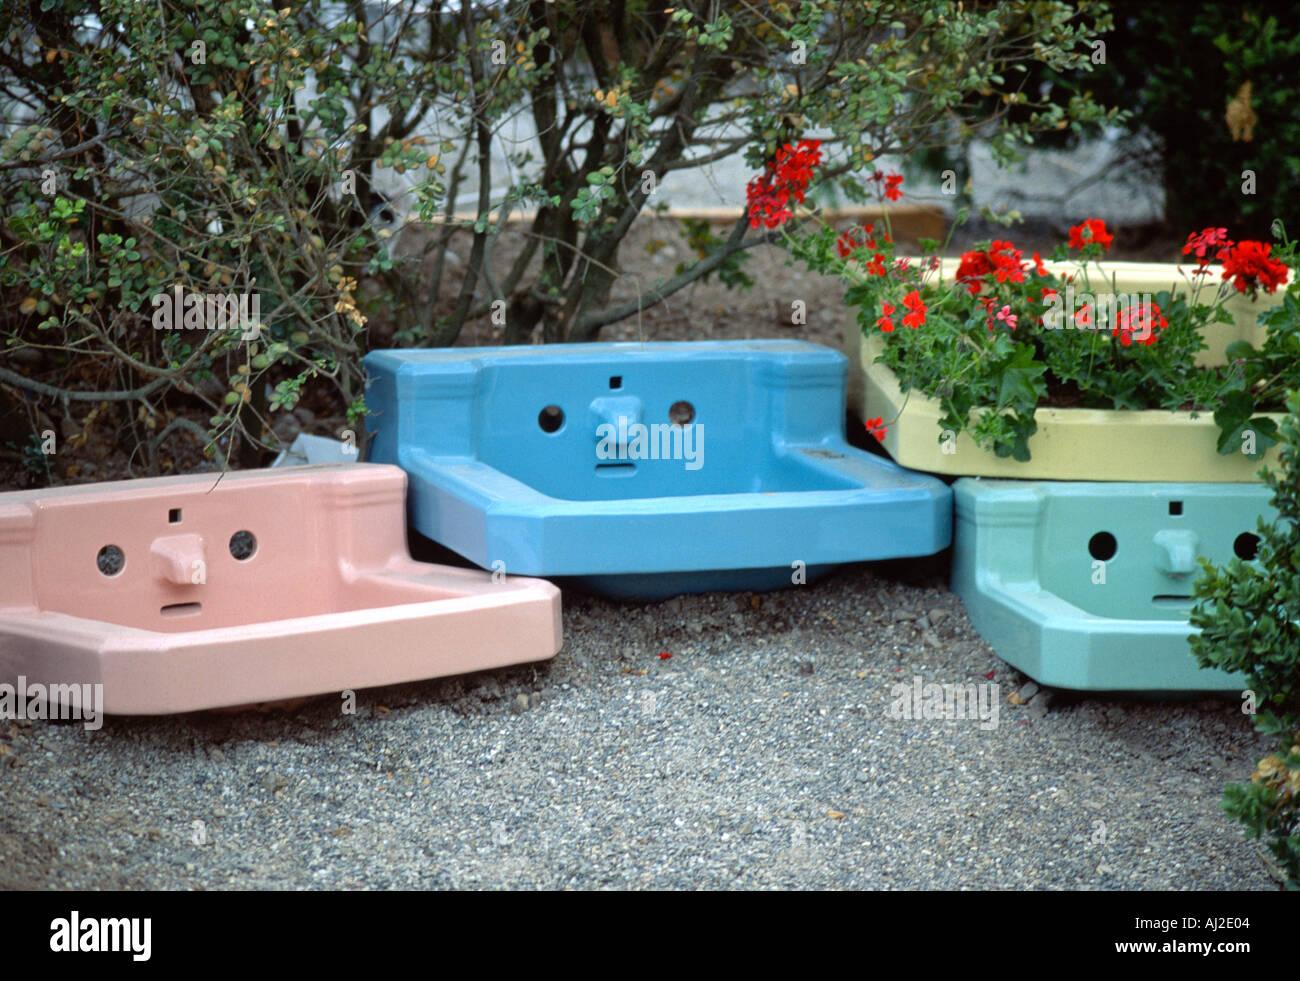 Vier Bunte Vintage Waschbecken Sah Aus Wie Murrische Gesichter